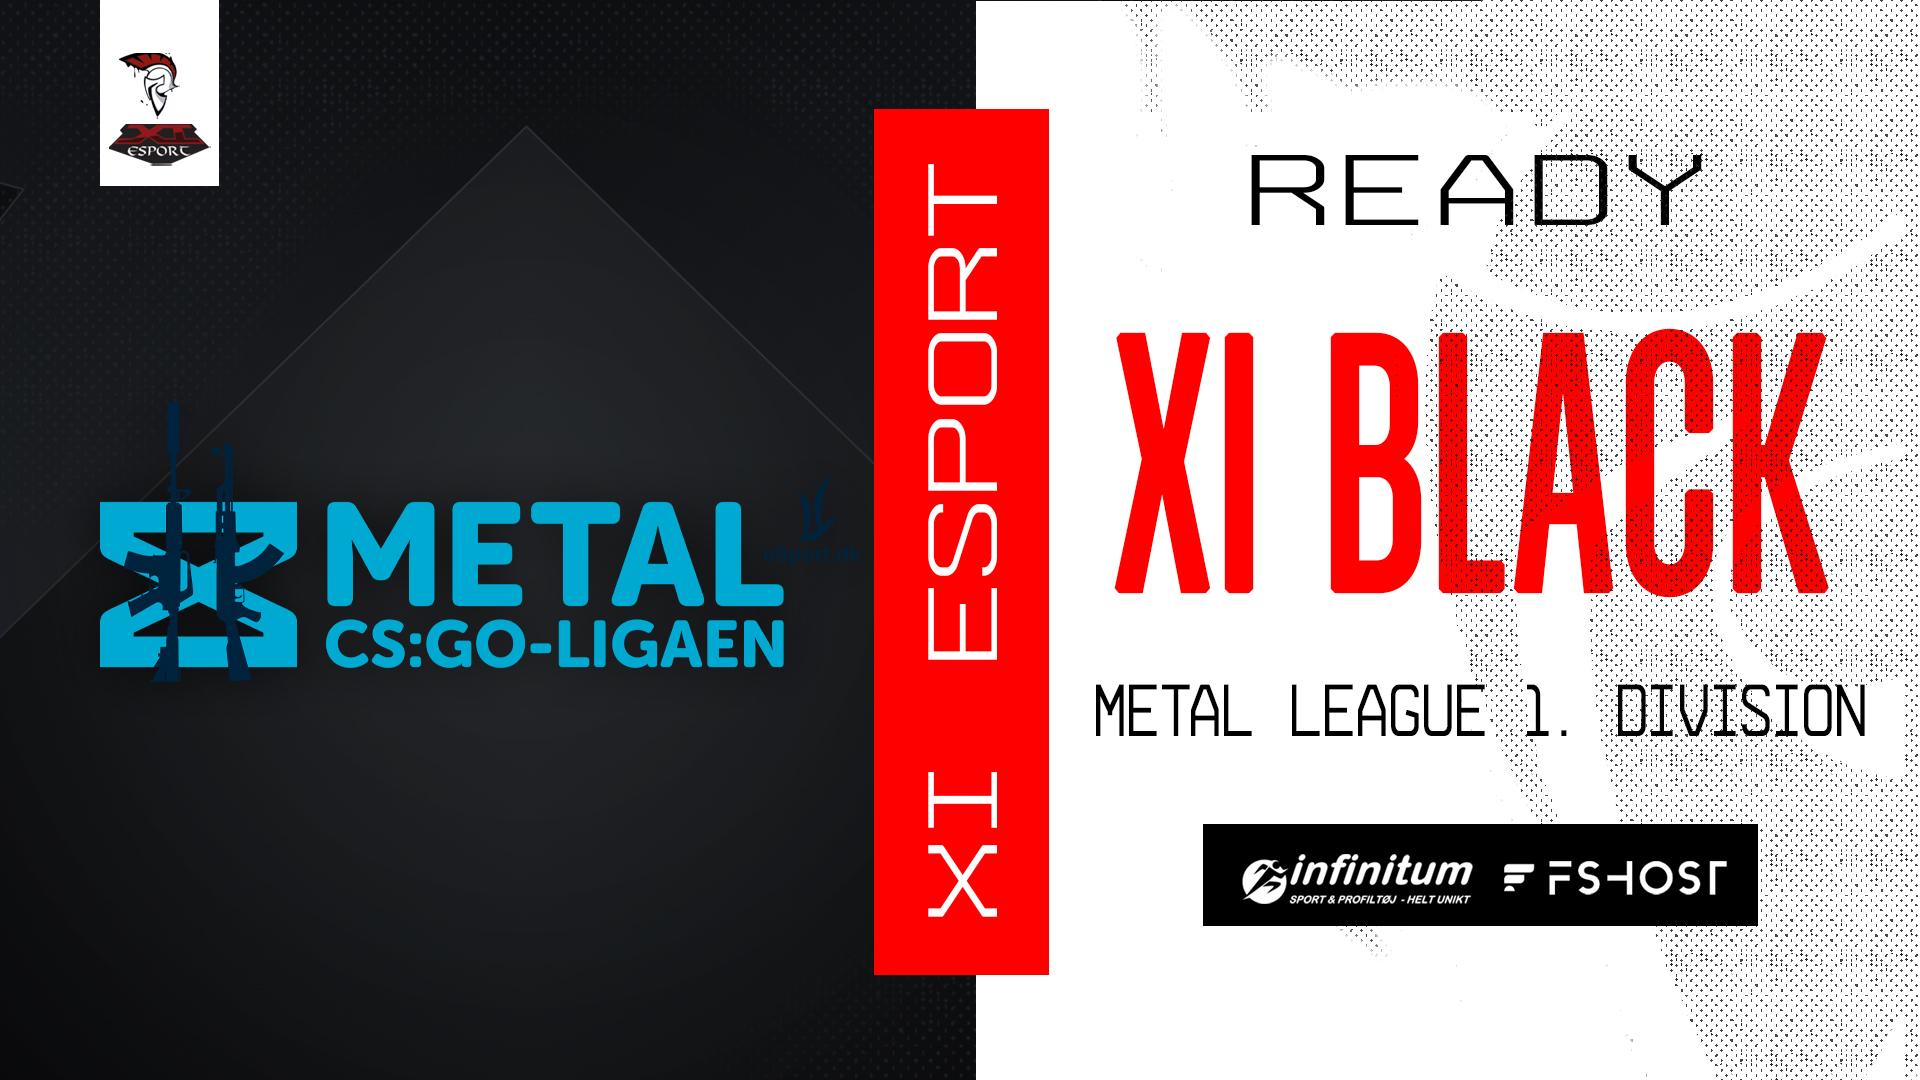 XI BLACK DELTAGER TIL METAL LIGAEN I FØRSTE DIVISION